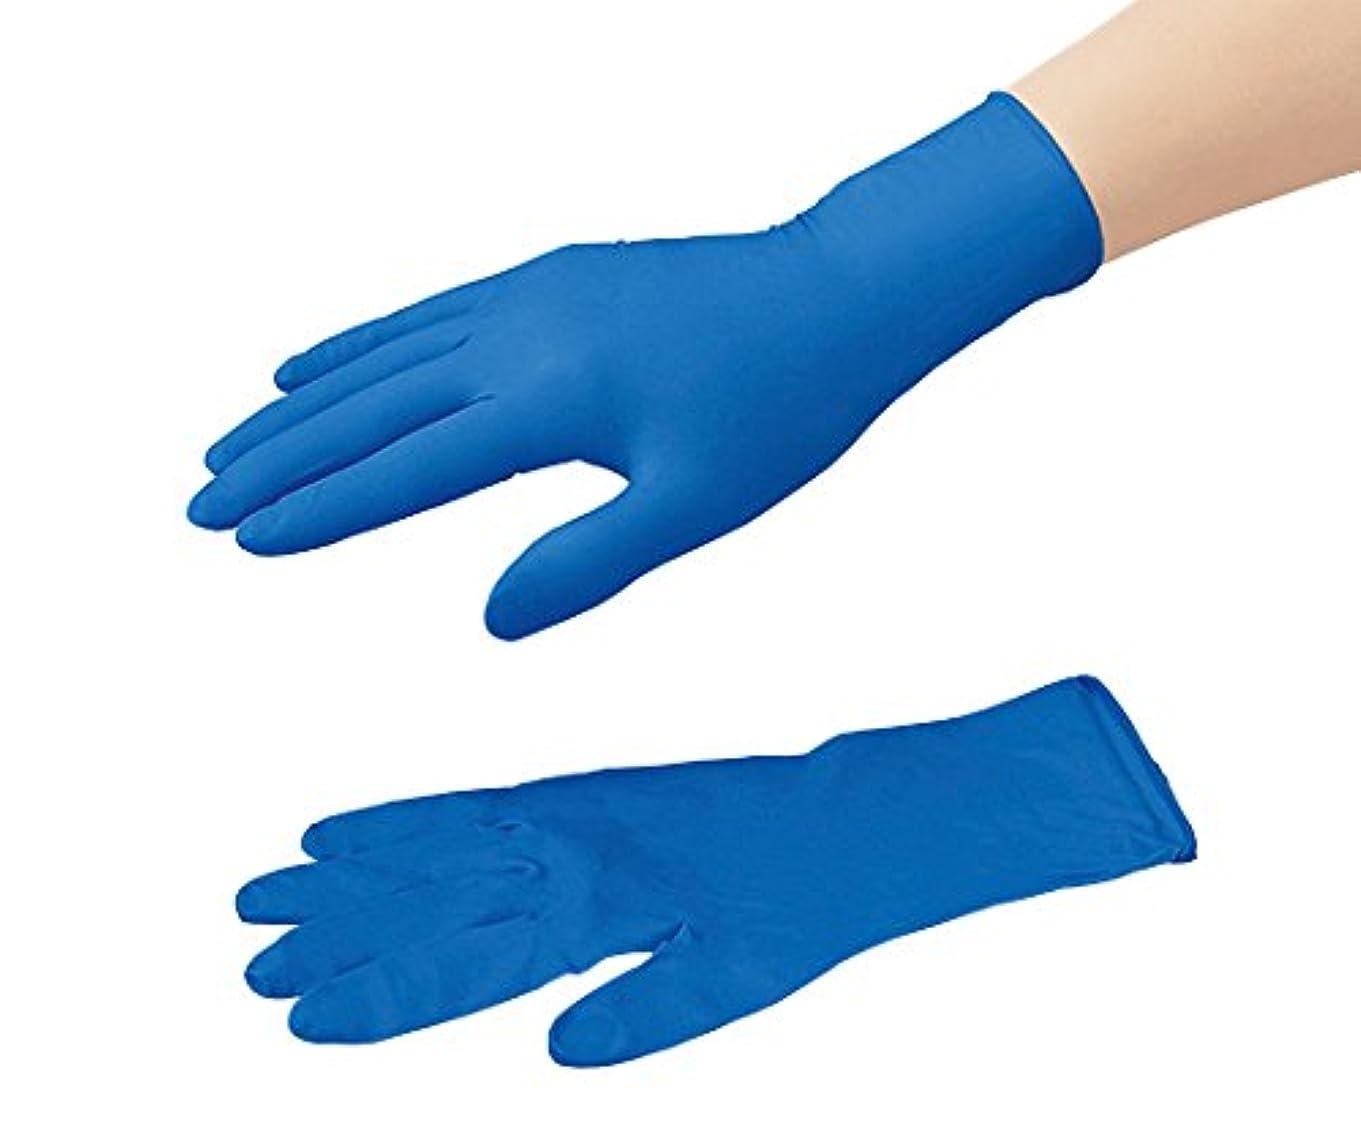 川シロナガスクジラお手入れアズワン2-9878-04ニトリル手袋(HYDREX(R))L50枚入